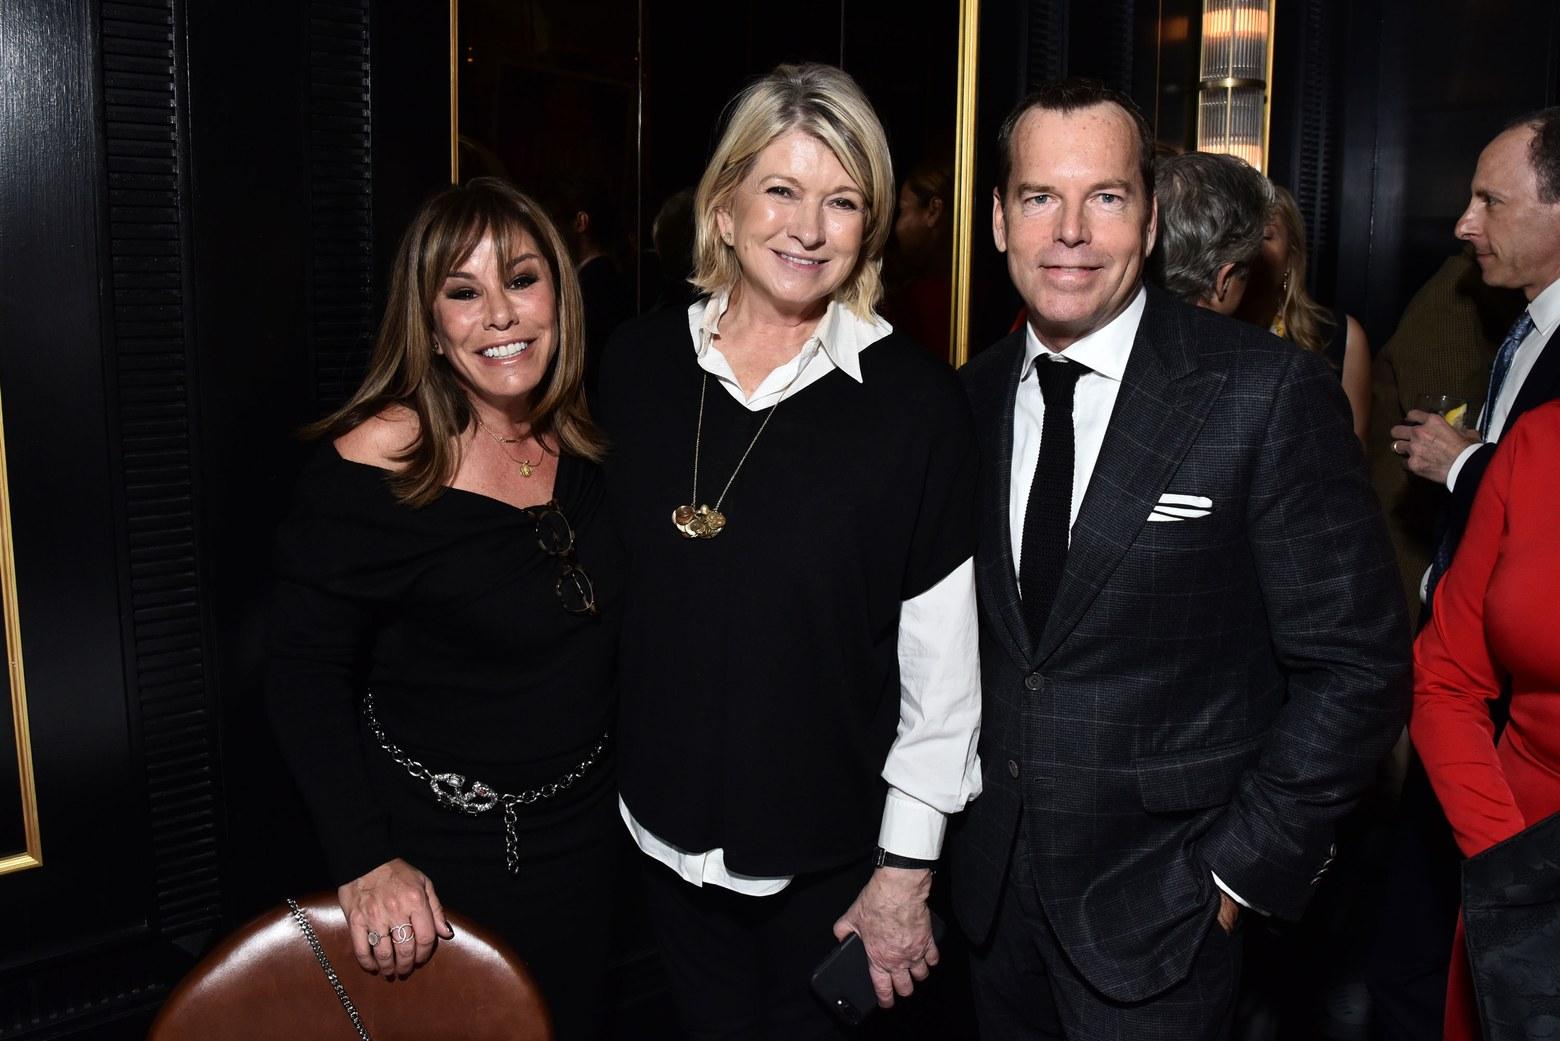 Melissa Rivers, Martha Stewart, and Scott CurriePhoto: Patrick McMullan